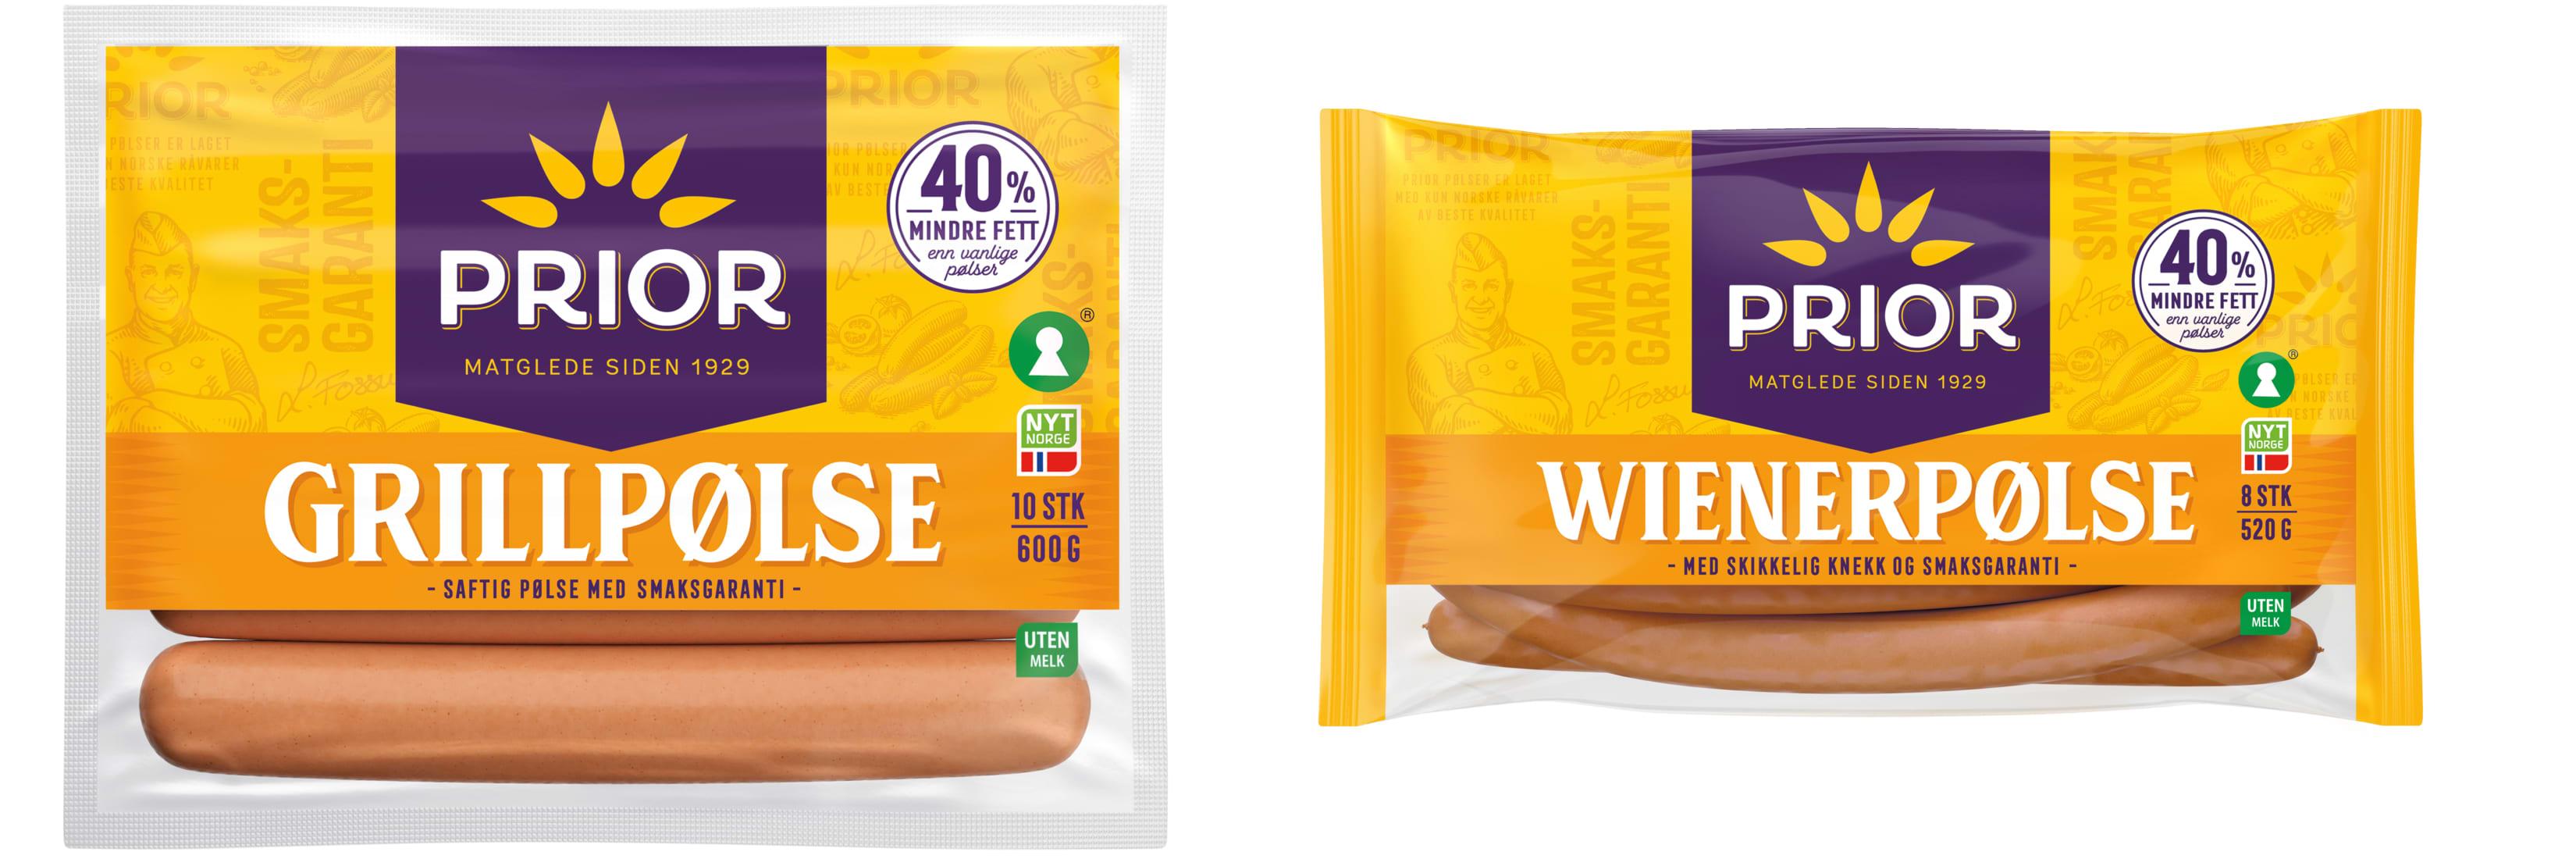 Pølsene fra Prior har kommet i ny forpakning, men er de samme gode pølsene av kylling og kalkun med 40 prosent mindre fett.